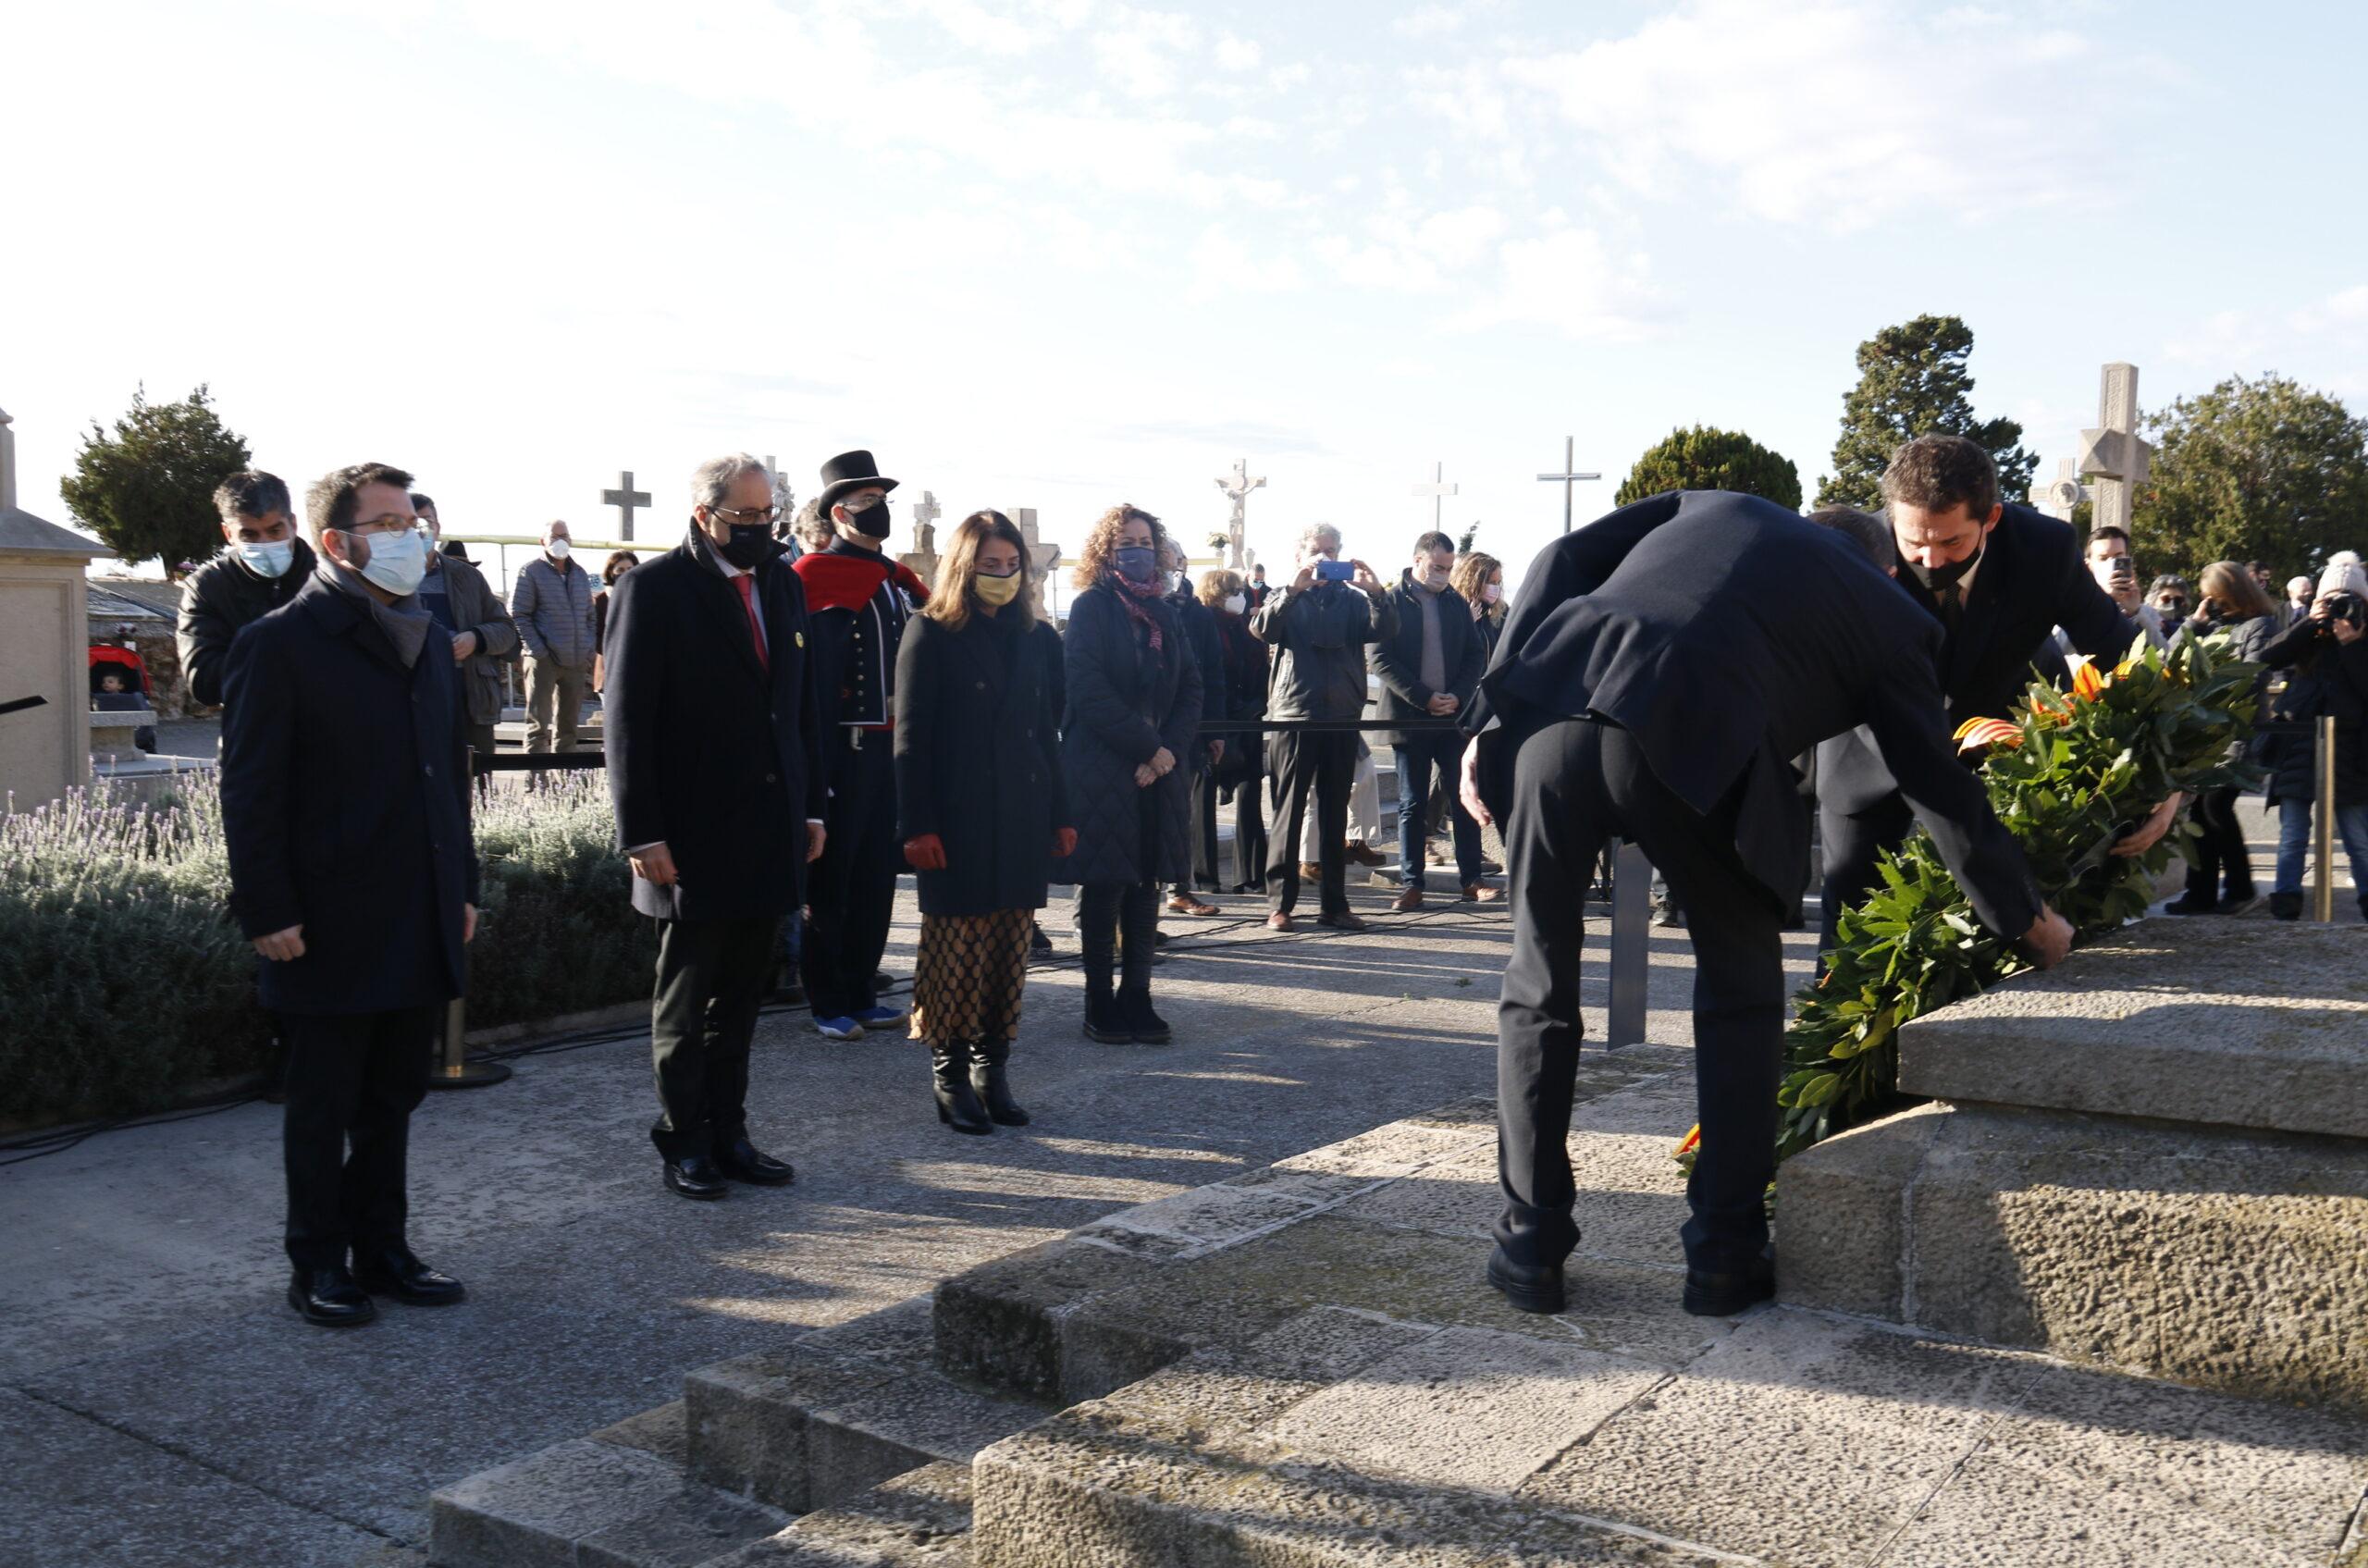 L'ofrena del Govern en funcions a la tomba de l'expresident de la Generalitat Francesc Macià amb Pere Aragonès, Quim Torra i Meritxell Budó el 25 de desembre de 2020 / ACN